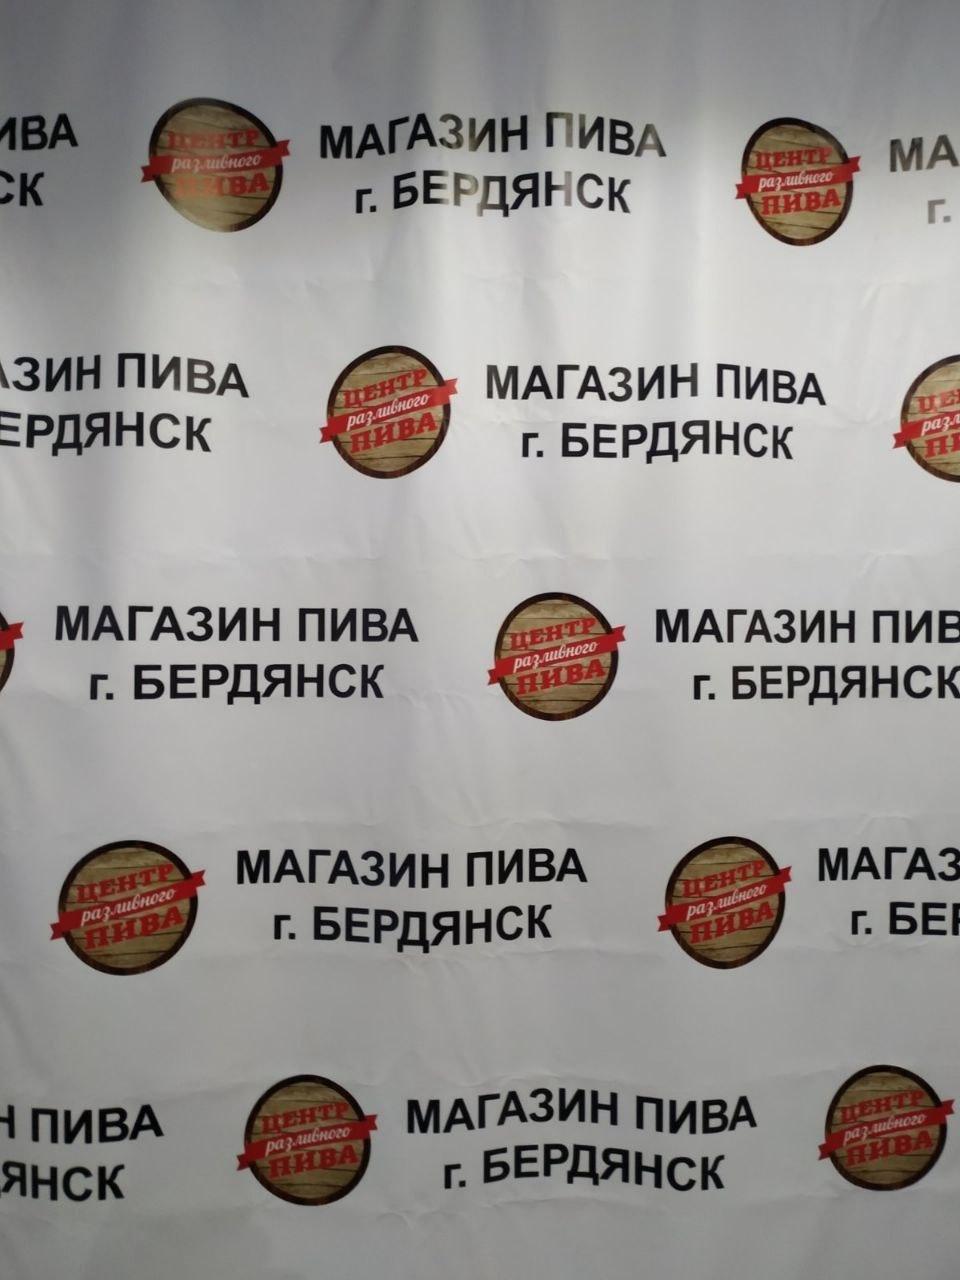 Помічник для мандрівників - гід по Бердянську!, фото-96